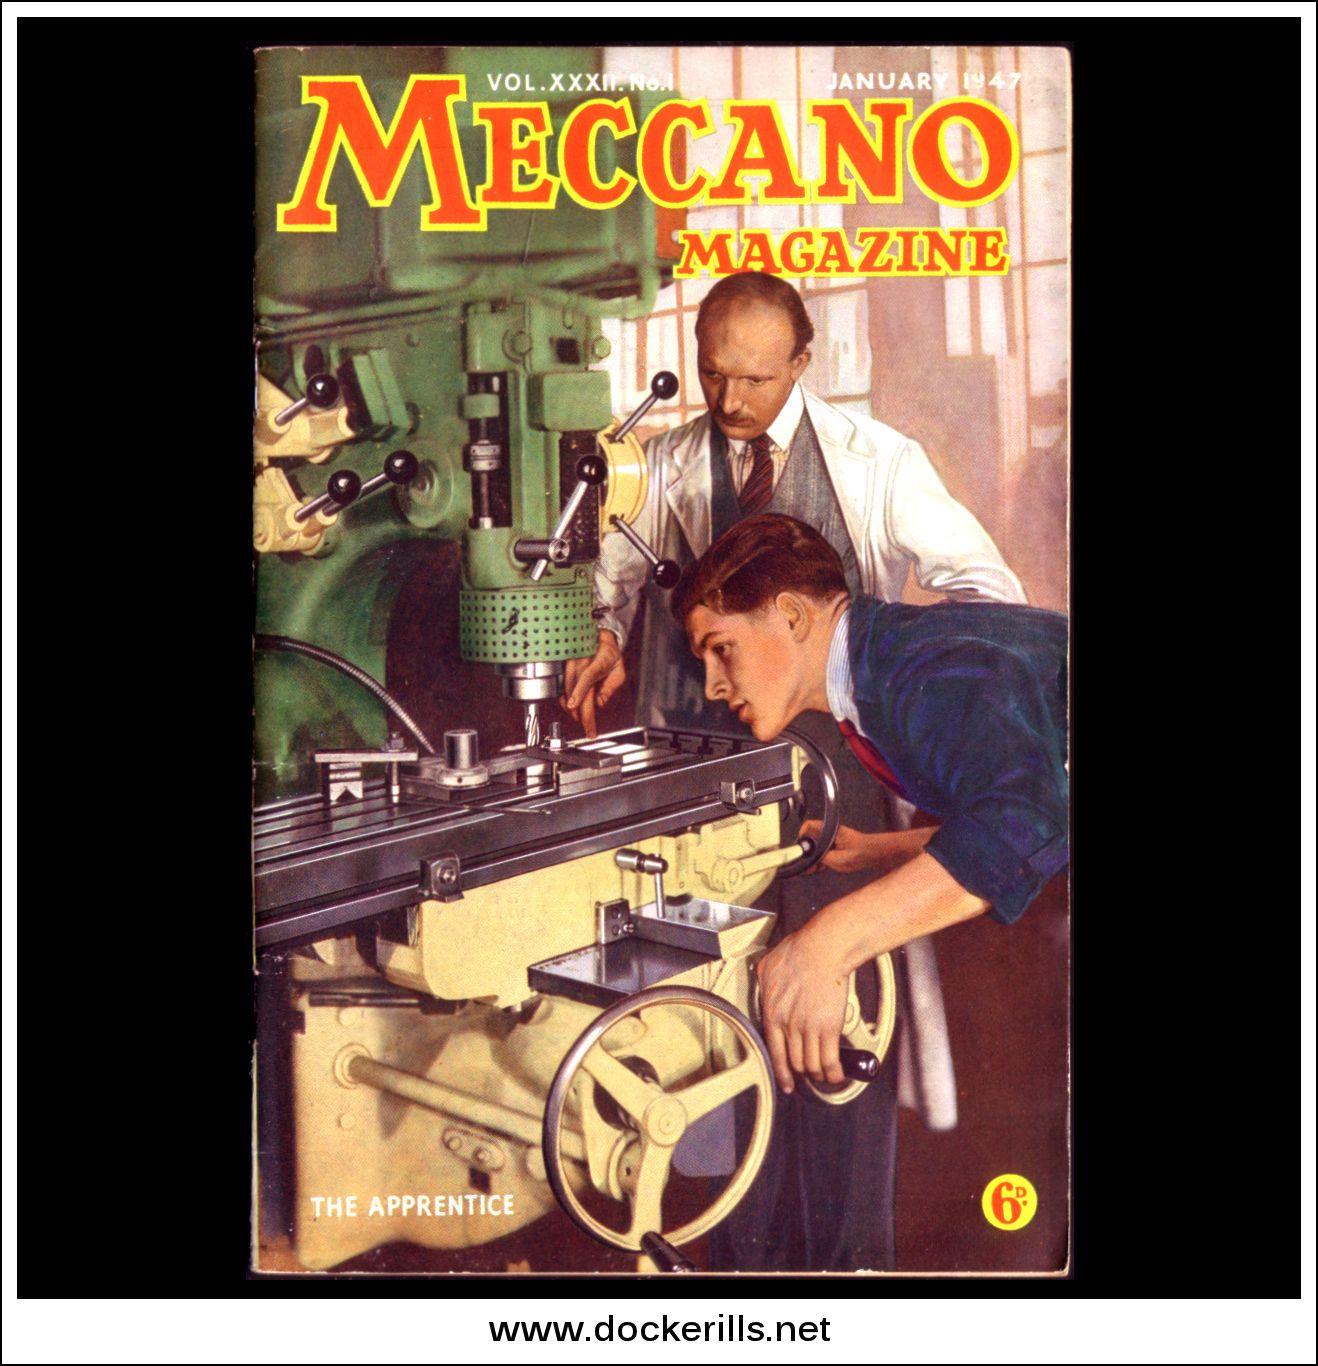 Meccano Magazine XXXII No.1 January 1947 Collectible | hobbyDB